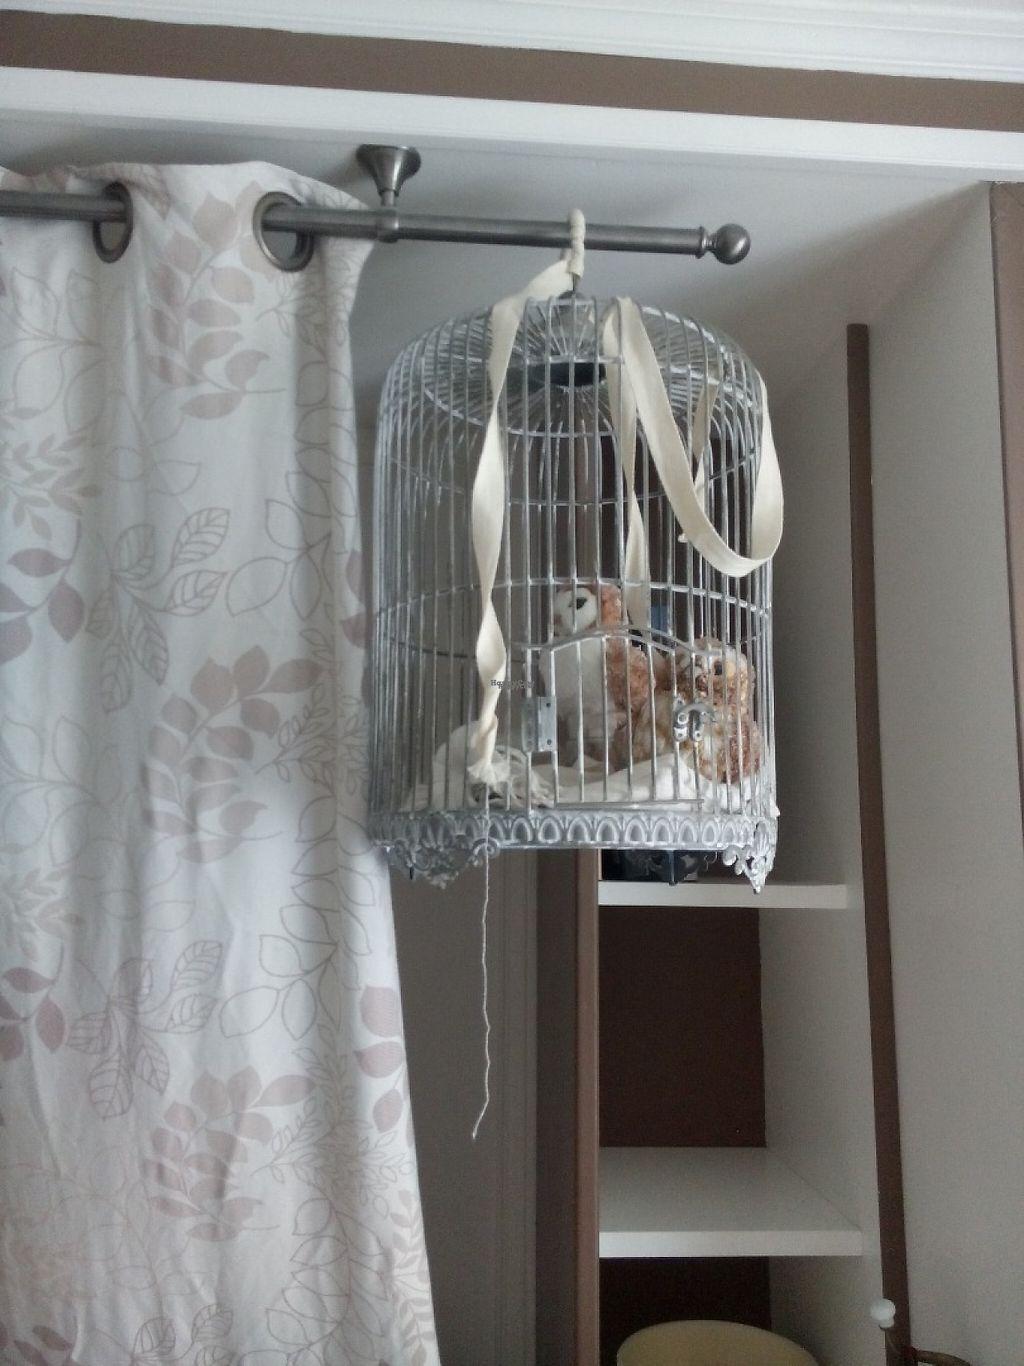 """Photo of Chambres de la Grande Porte  by <a href=""""/members/profile/markostova"""">markostova</a> <br/>fluffy pets in """"Creme"""" room ;) <br/> April 22, 2017  - <a href='/contact/abuse/image/55297/251016'>Report</a>"""